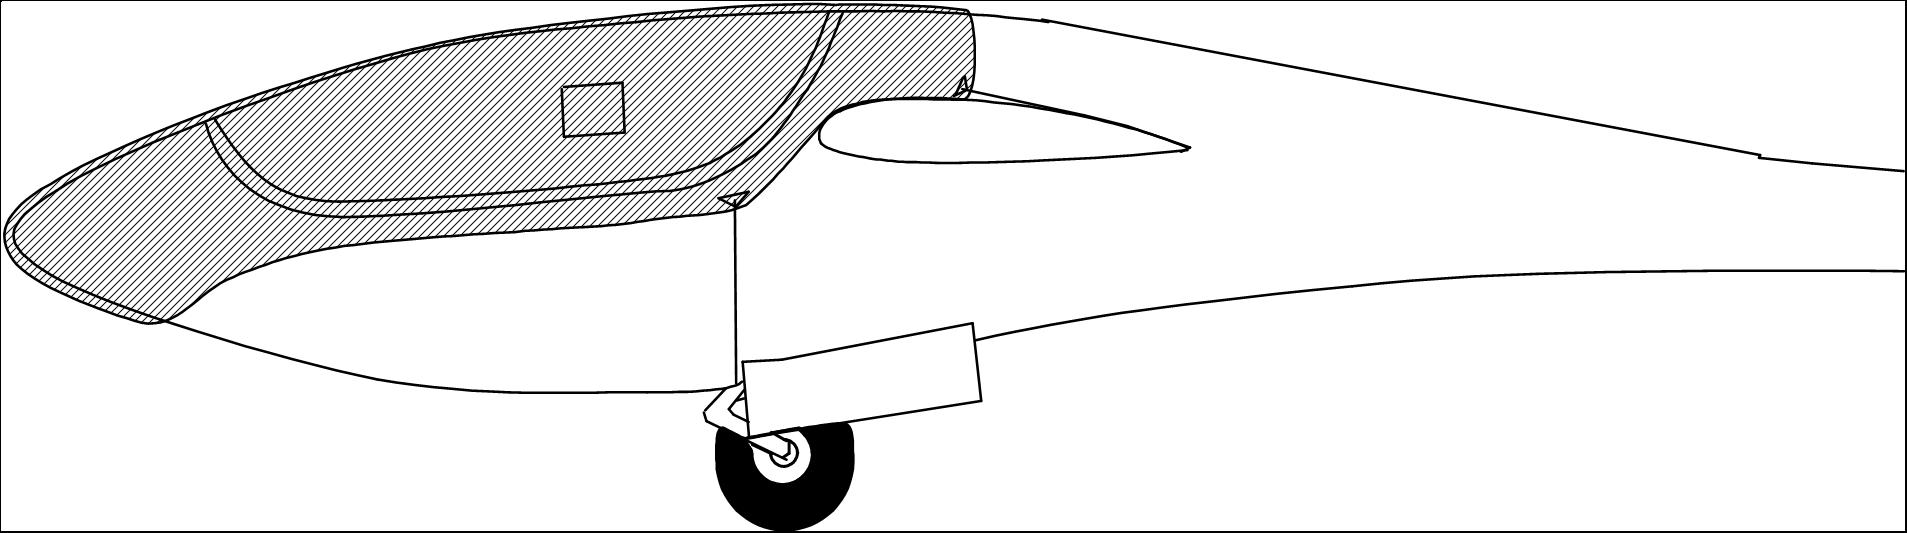 Haubenbezug Doppelsitzer Stoff Seersucker AIR BASIC